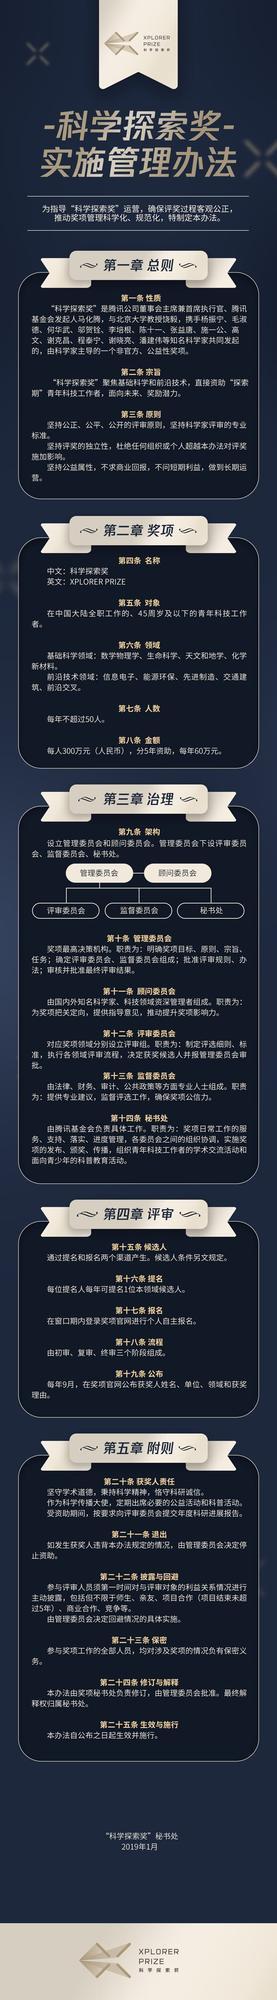 """""""科学探索奖""""今起接受青年科技工作者申报"""